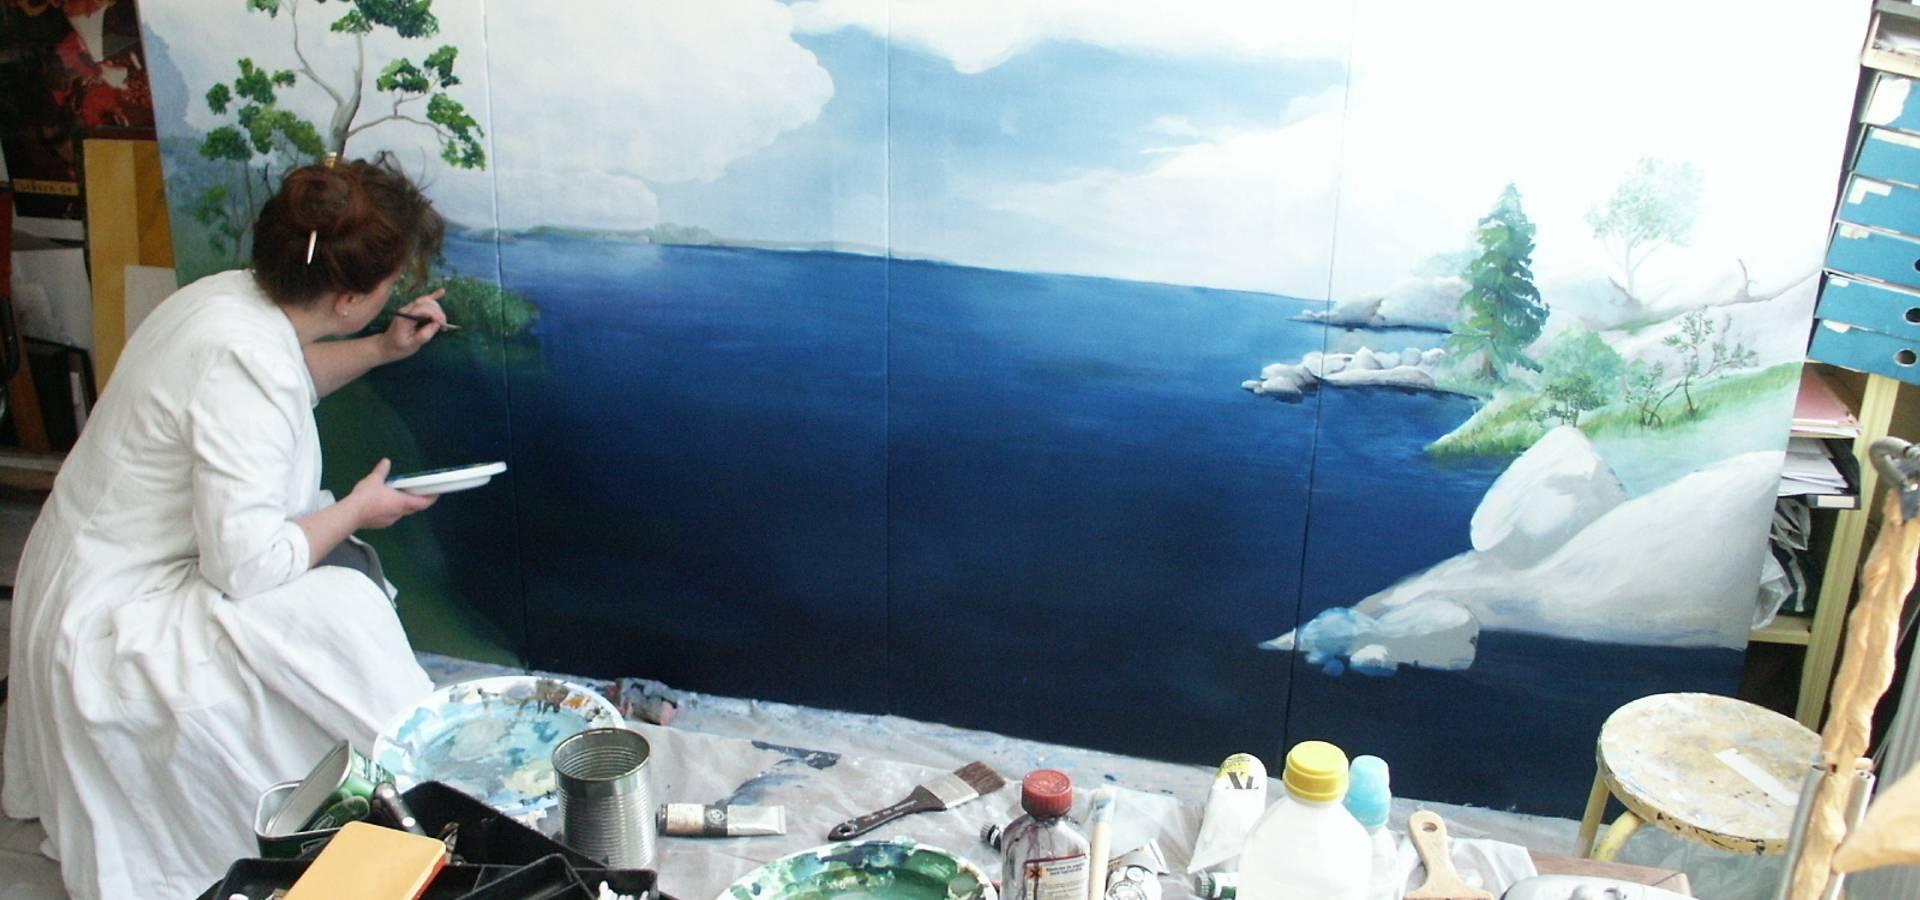 Addenda, peintre decorateur